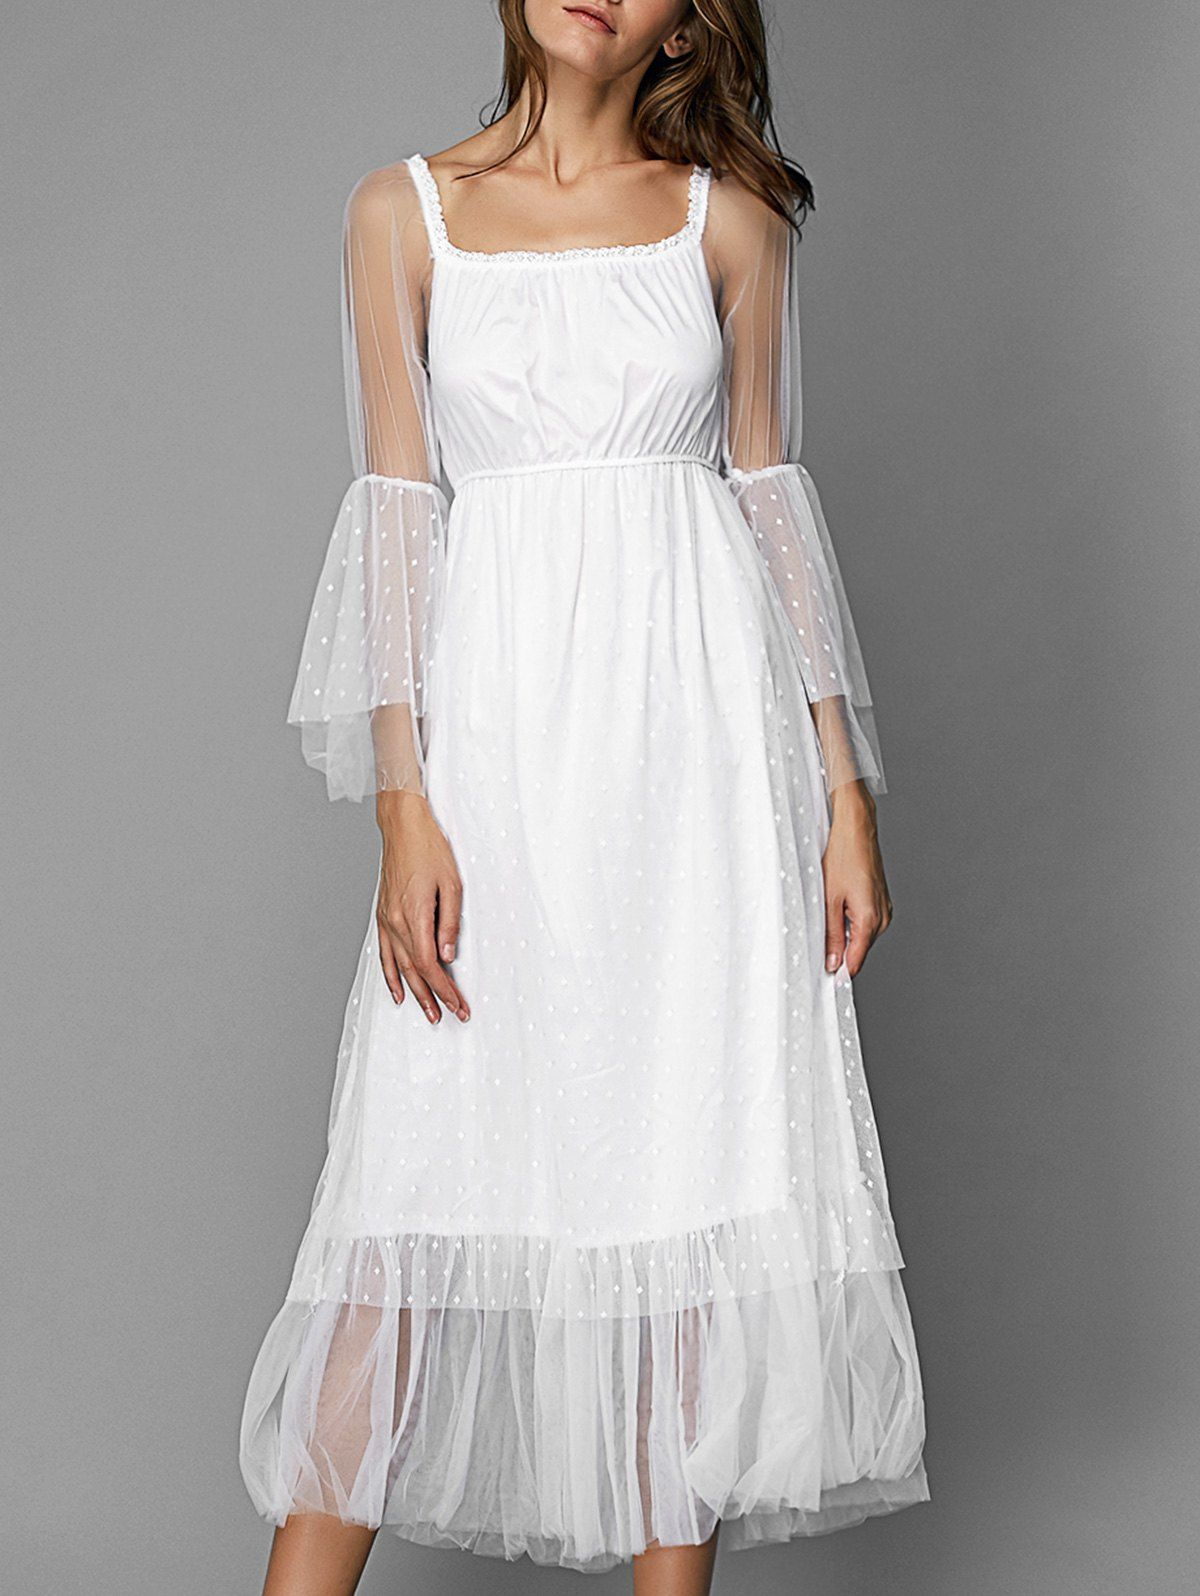 Elegant tulle overlay square neck long sleeve dress for women